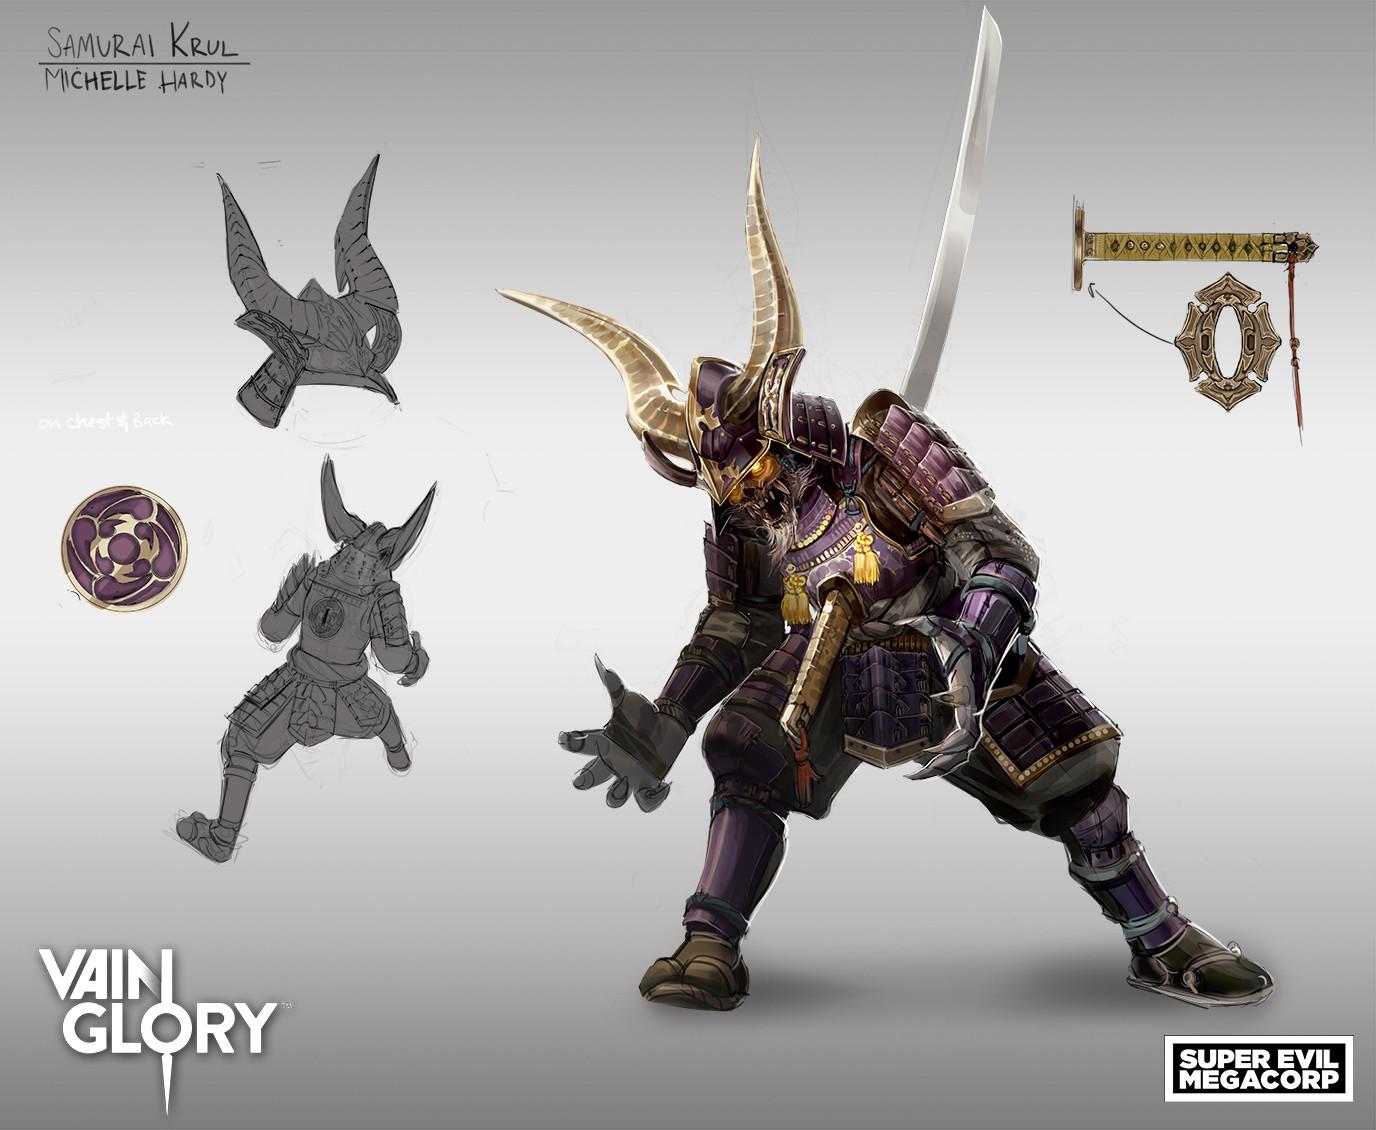 samurai krul